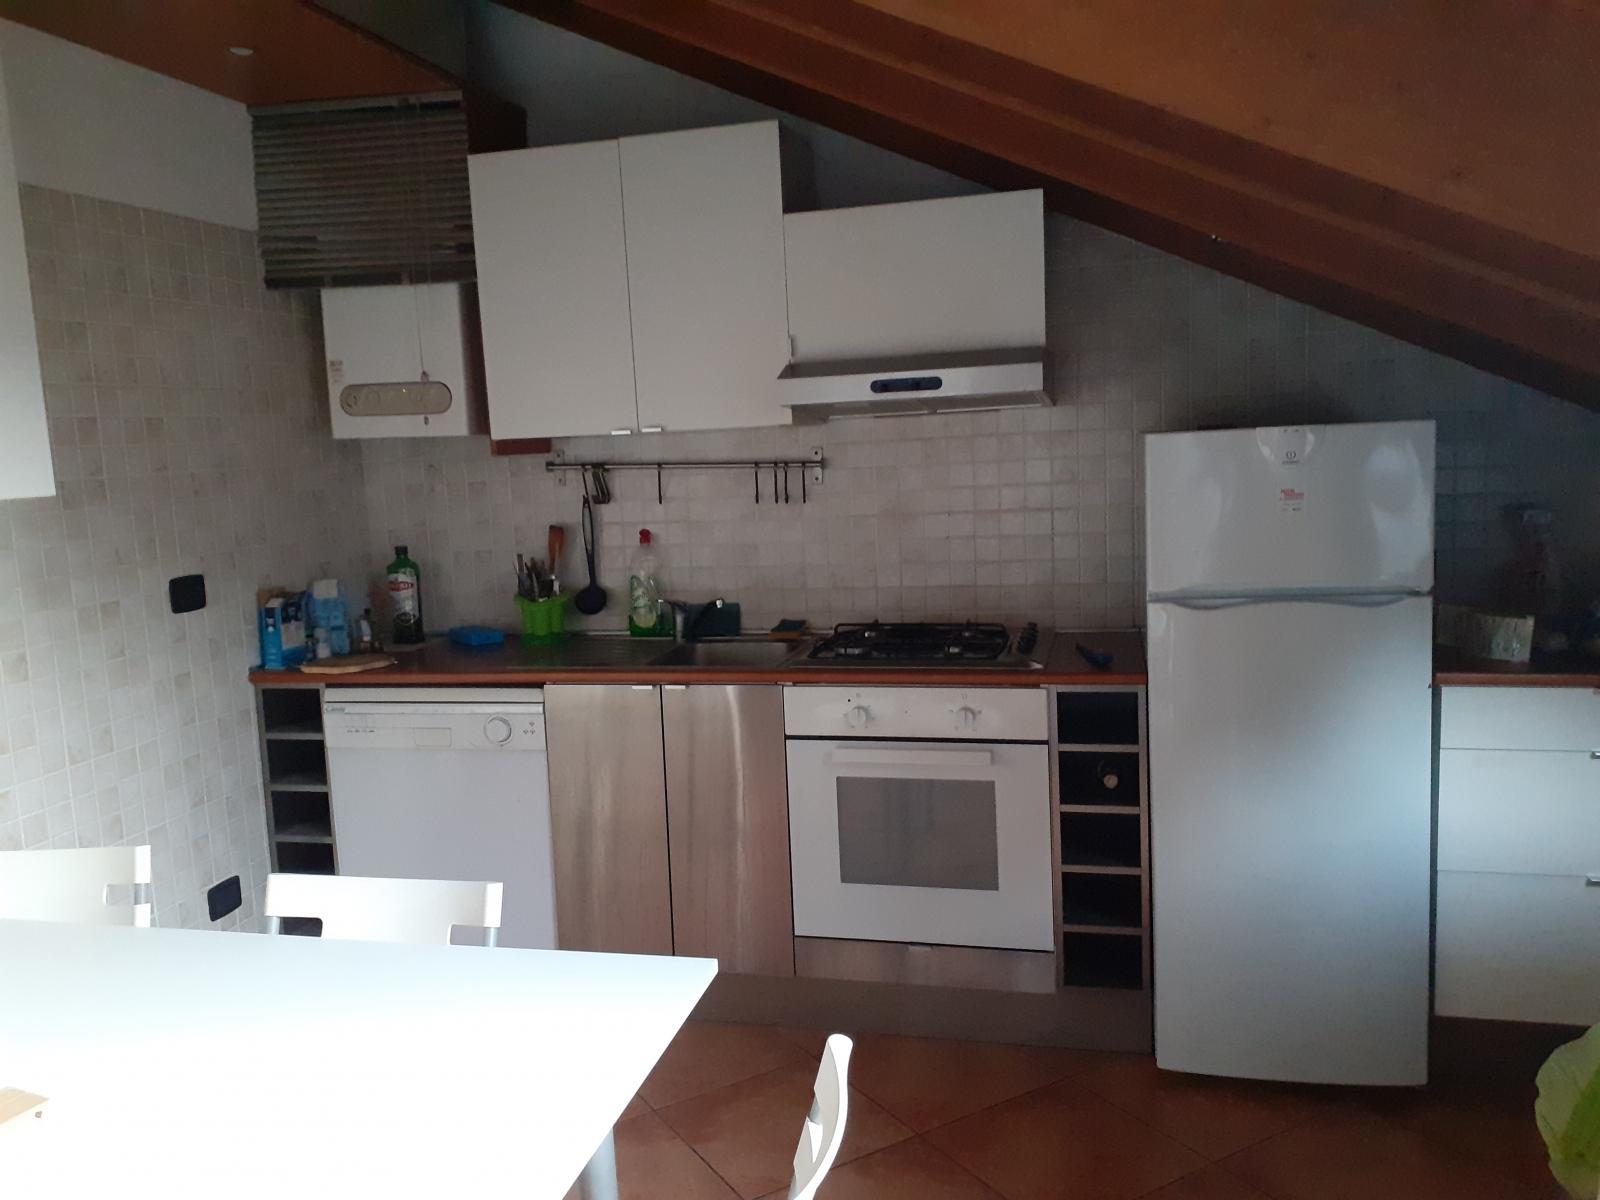 appartamento-in-vendita-a-rho-mansarda-2-3-locali-spaziourbano-immobiliere-vende-10